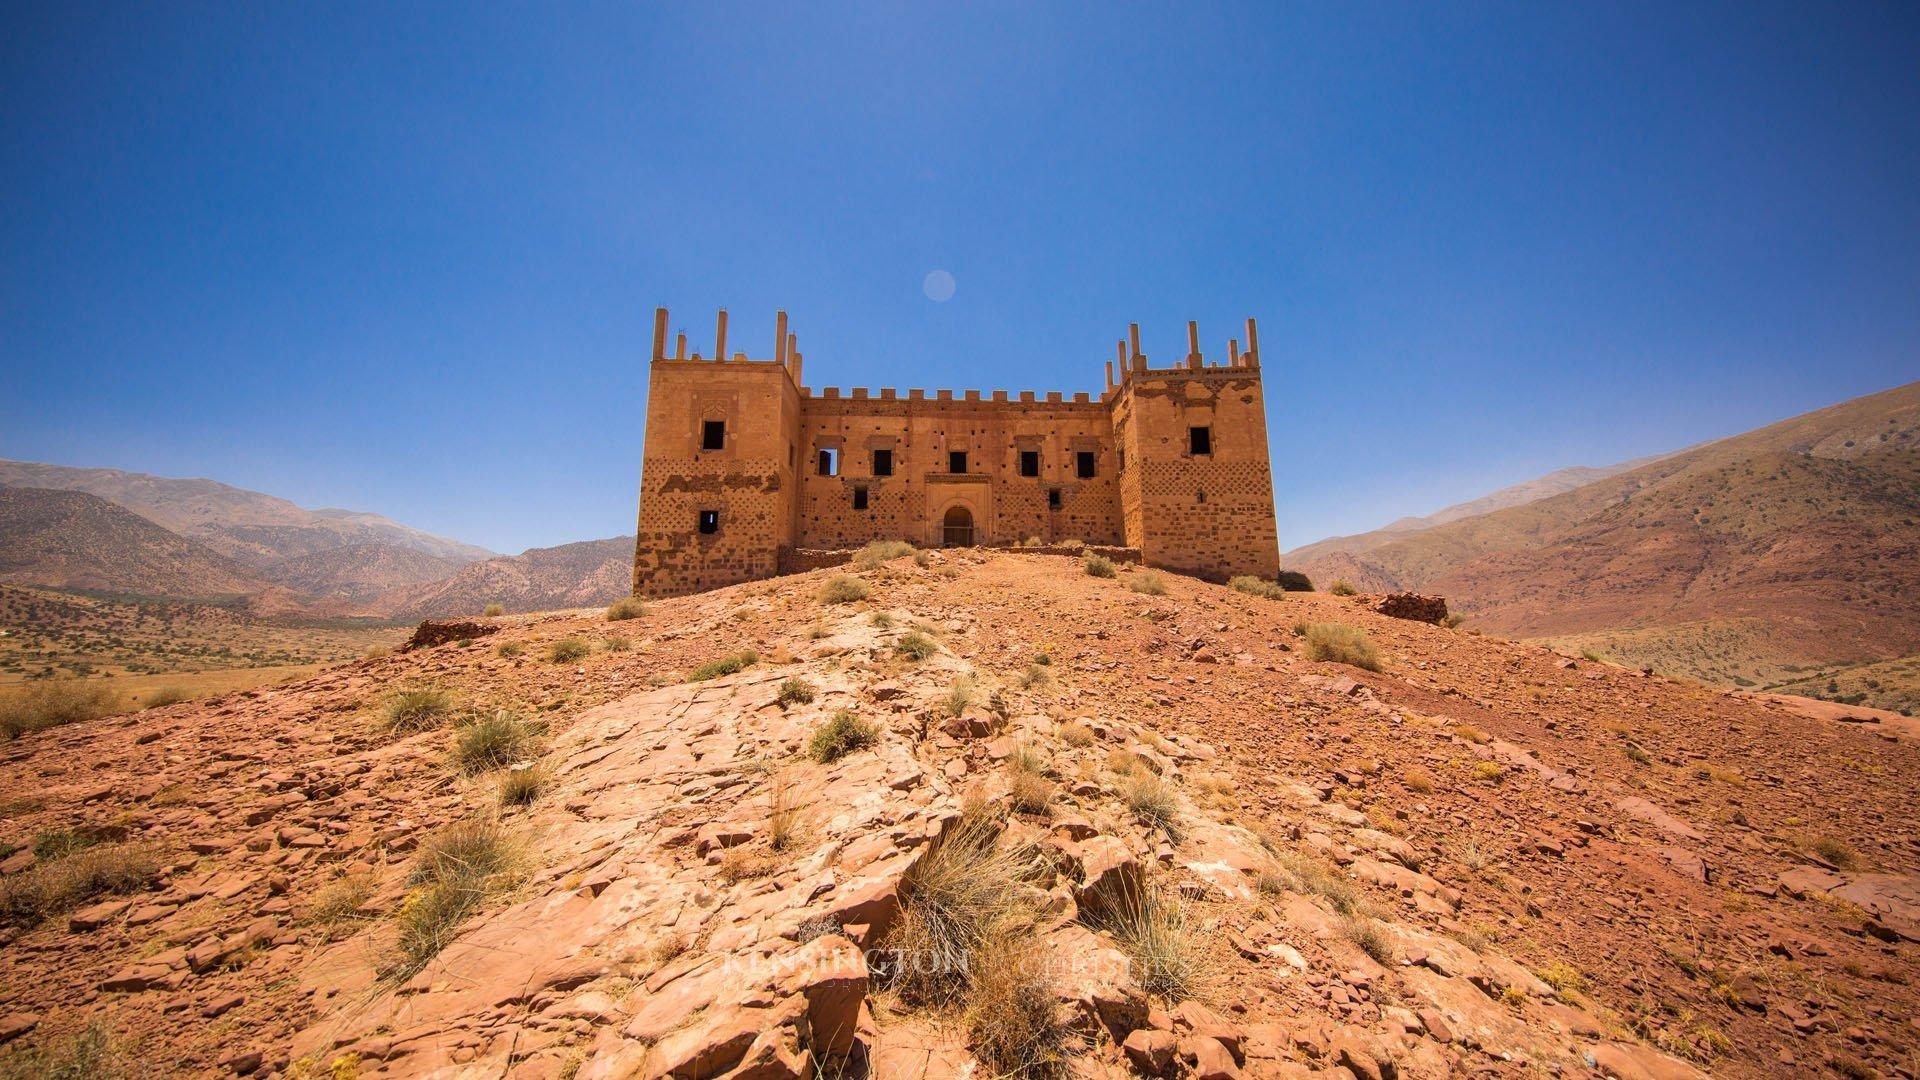 KPPM00974: Kasbah Tagountaft Villa de luxe Marrakech Maroc